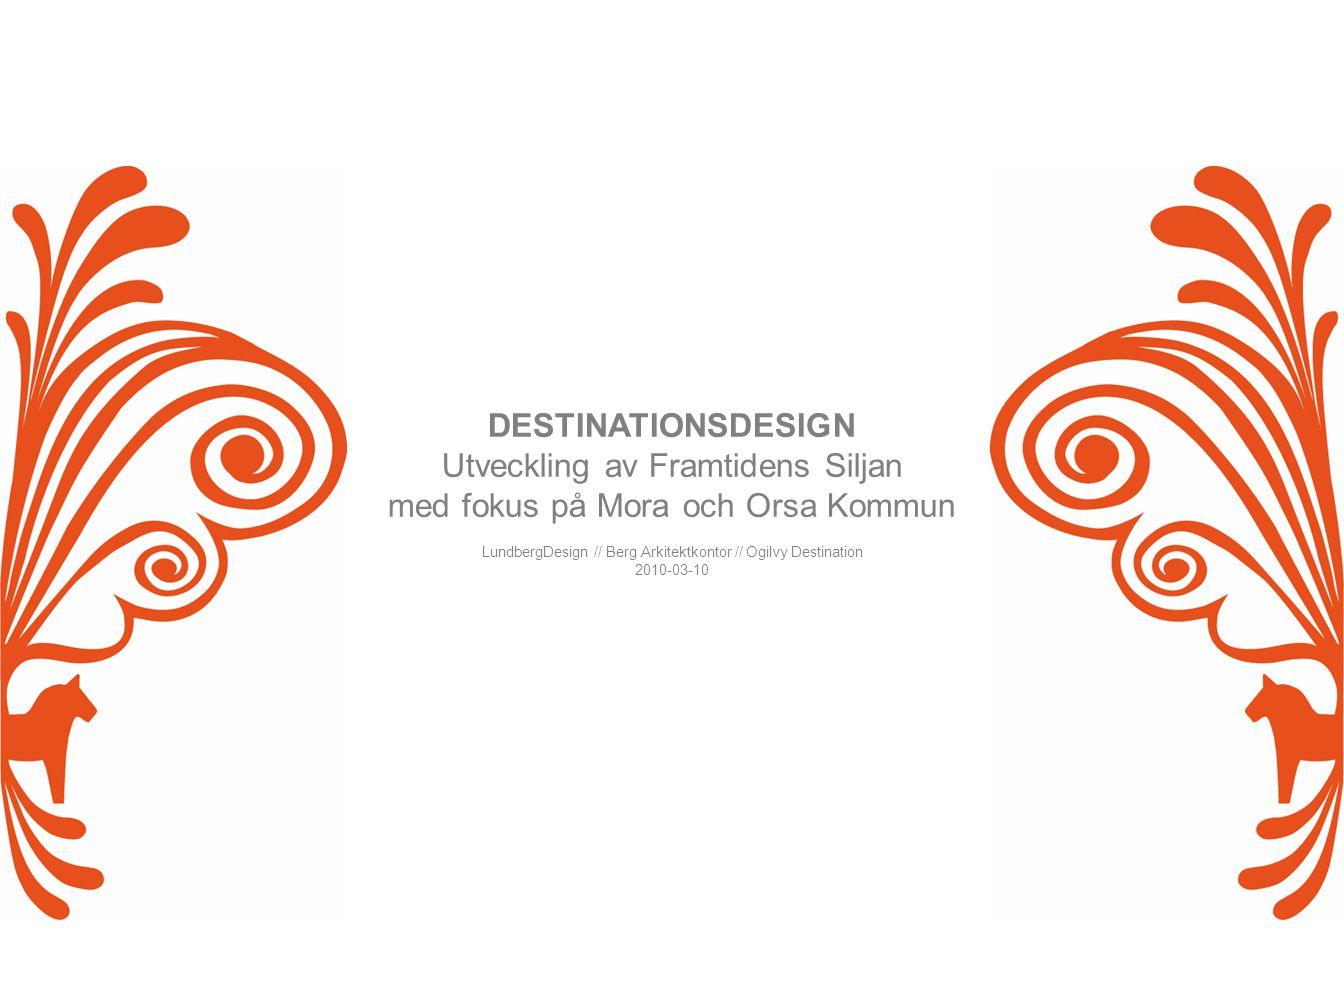 LundbergDesign // Berg Arkitektkontor // Ogilvy DestinationDESTINATIONSDESIGN // Utveckling av Mora och Orsa Kommun AGENDA 1.